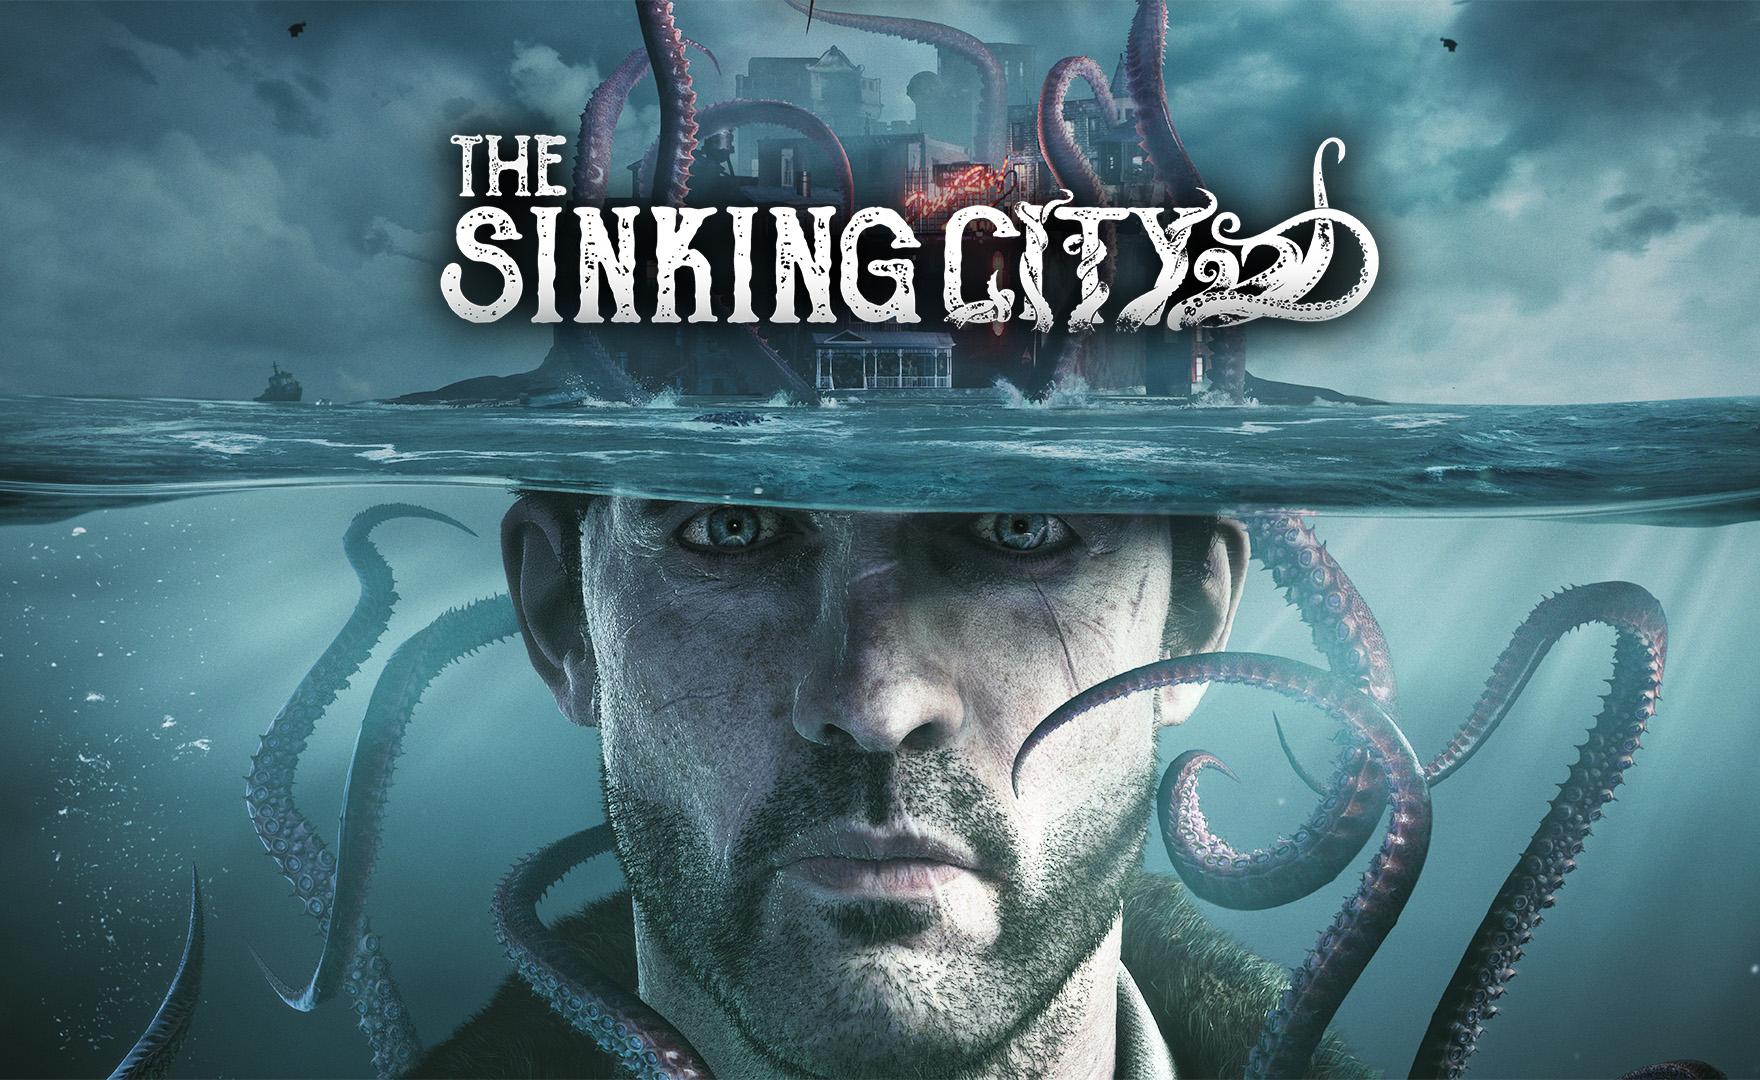 The Sinking City: accuse pesanti al publisher, rischiano 7 anni di carcere